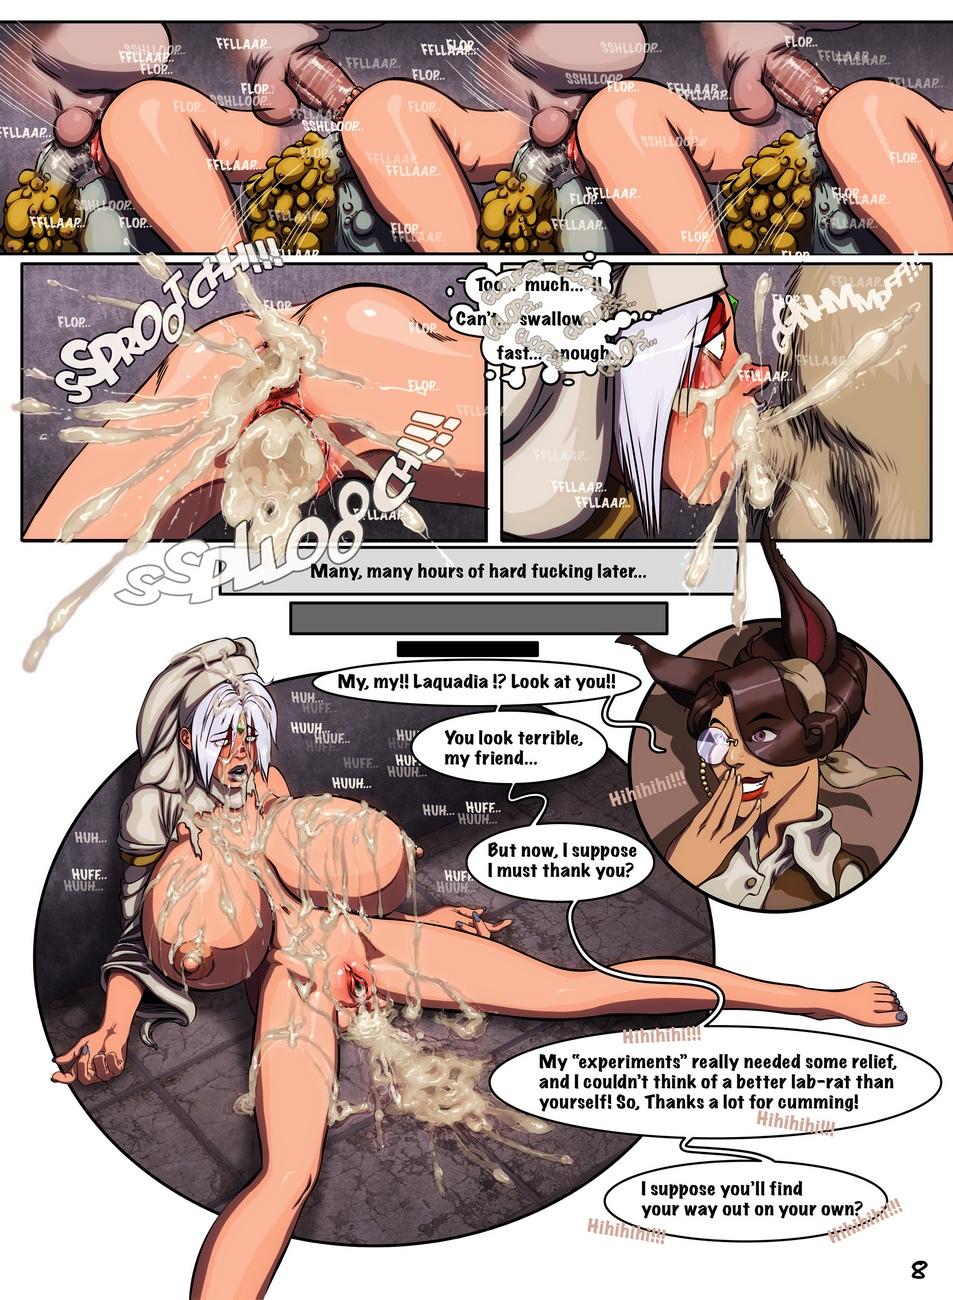 Tales Of Laquadia – A Social Experiment comic porn